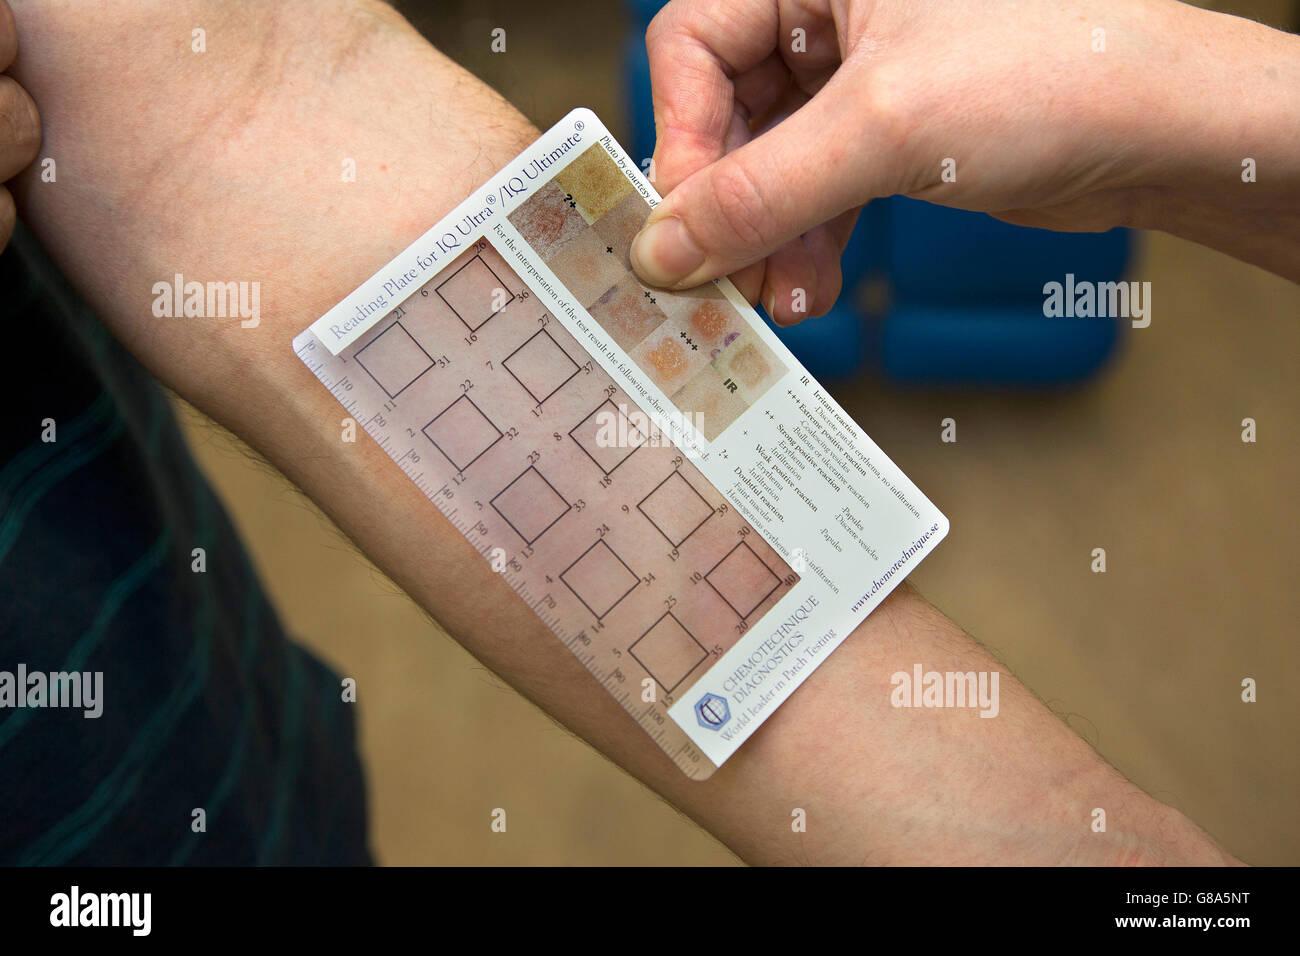 Il dermatologo con un IQ Ultra patch per il test per le allergie Immagini Stock